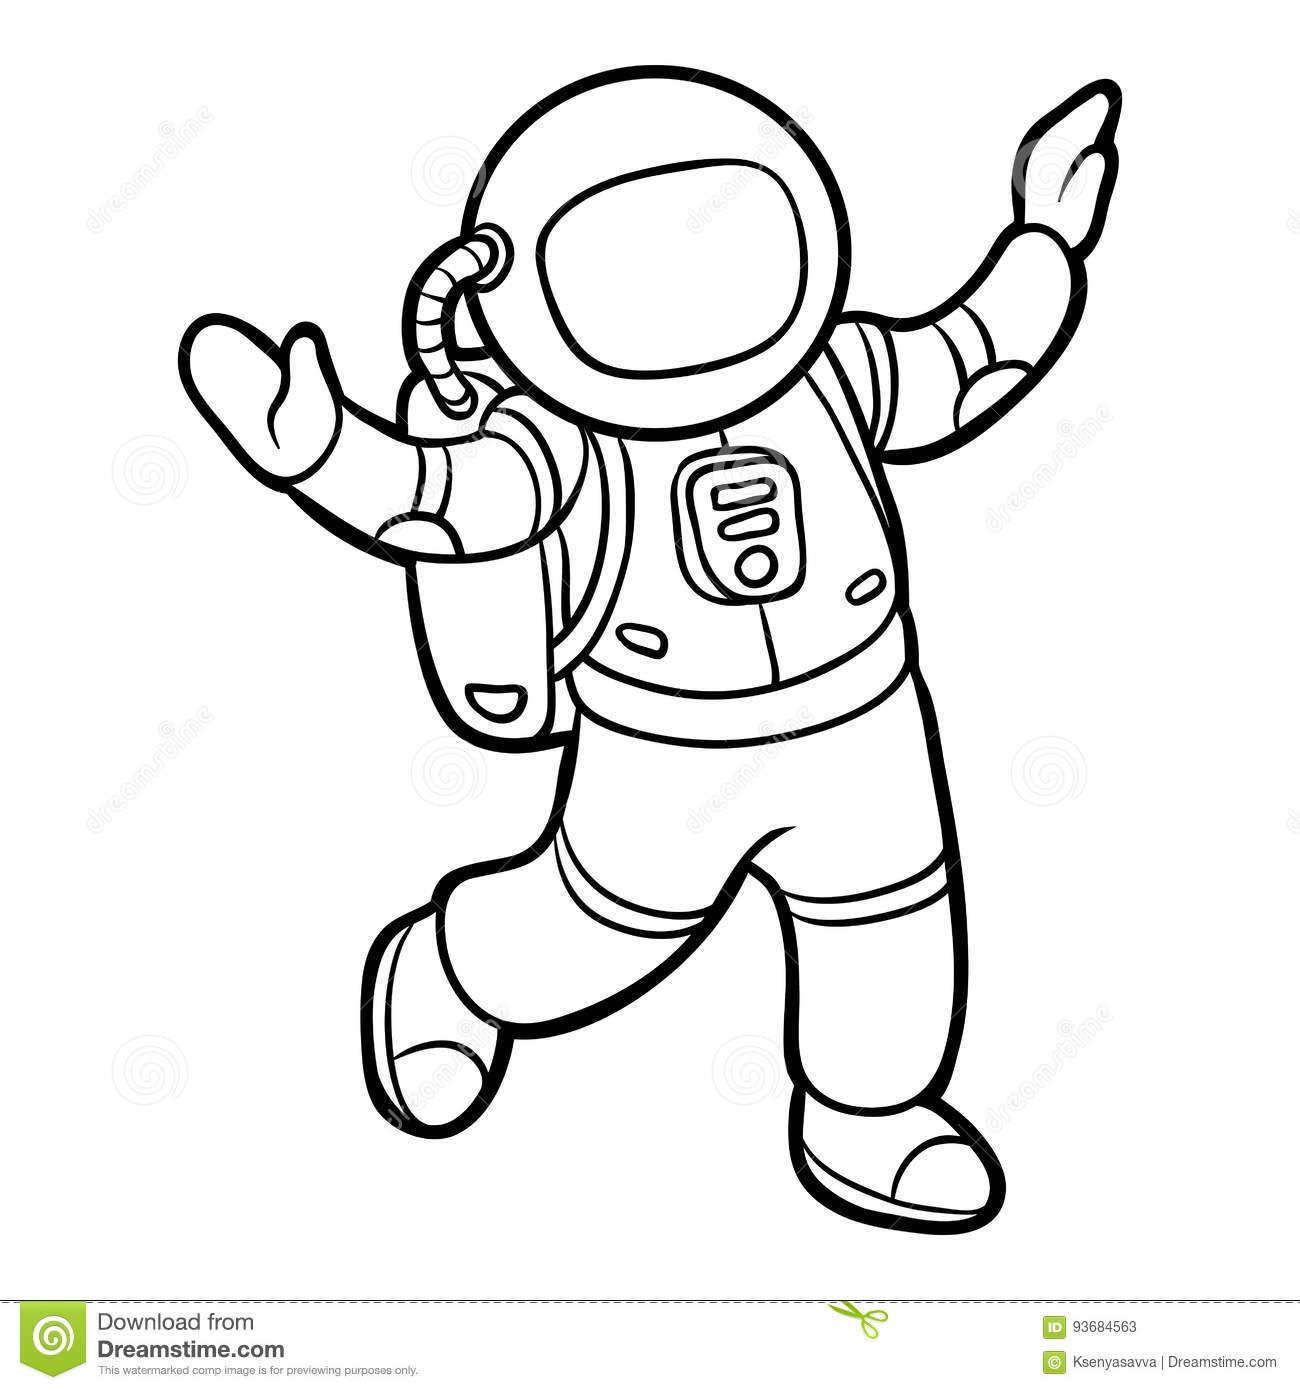 Livre De Coloriage, Astronaute Illustration De Vecteur à Coloriage Astronaute